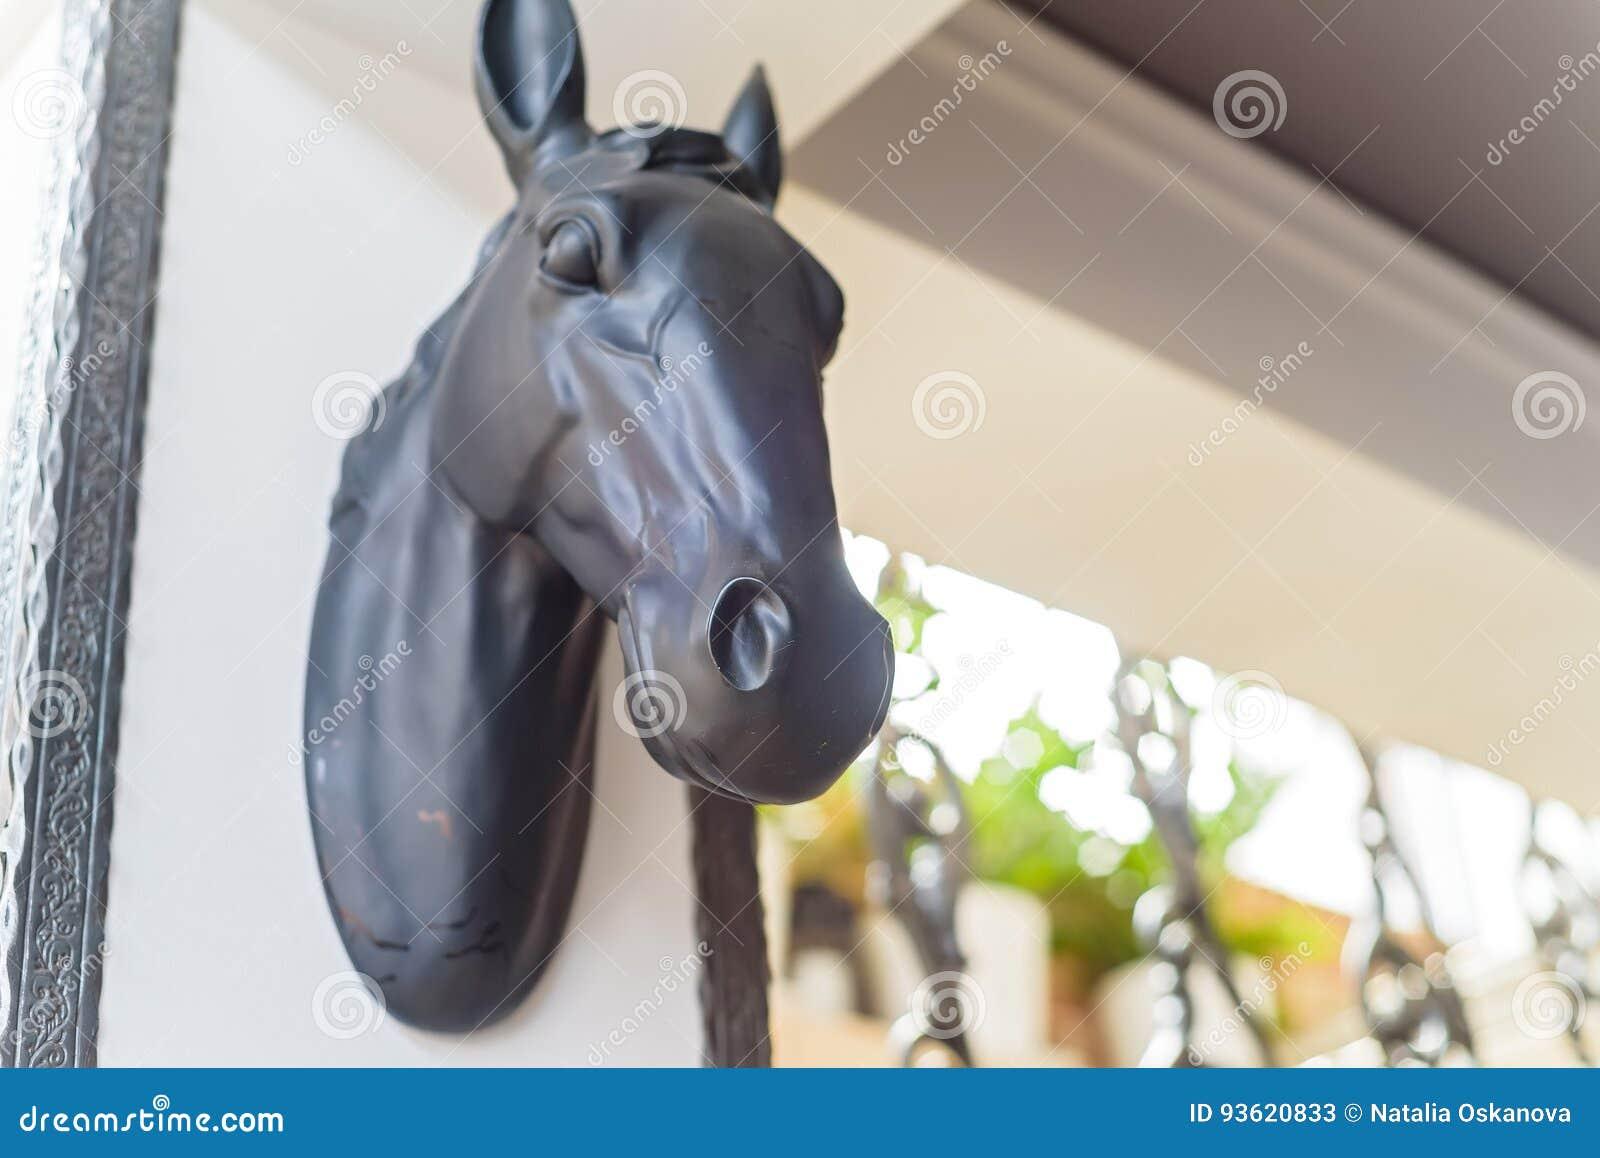 关闭在用于装饰的墙壁上的马头